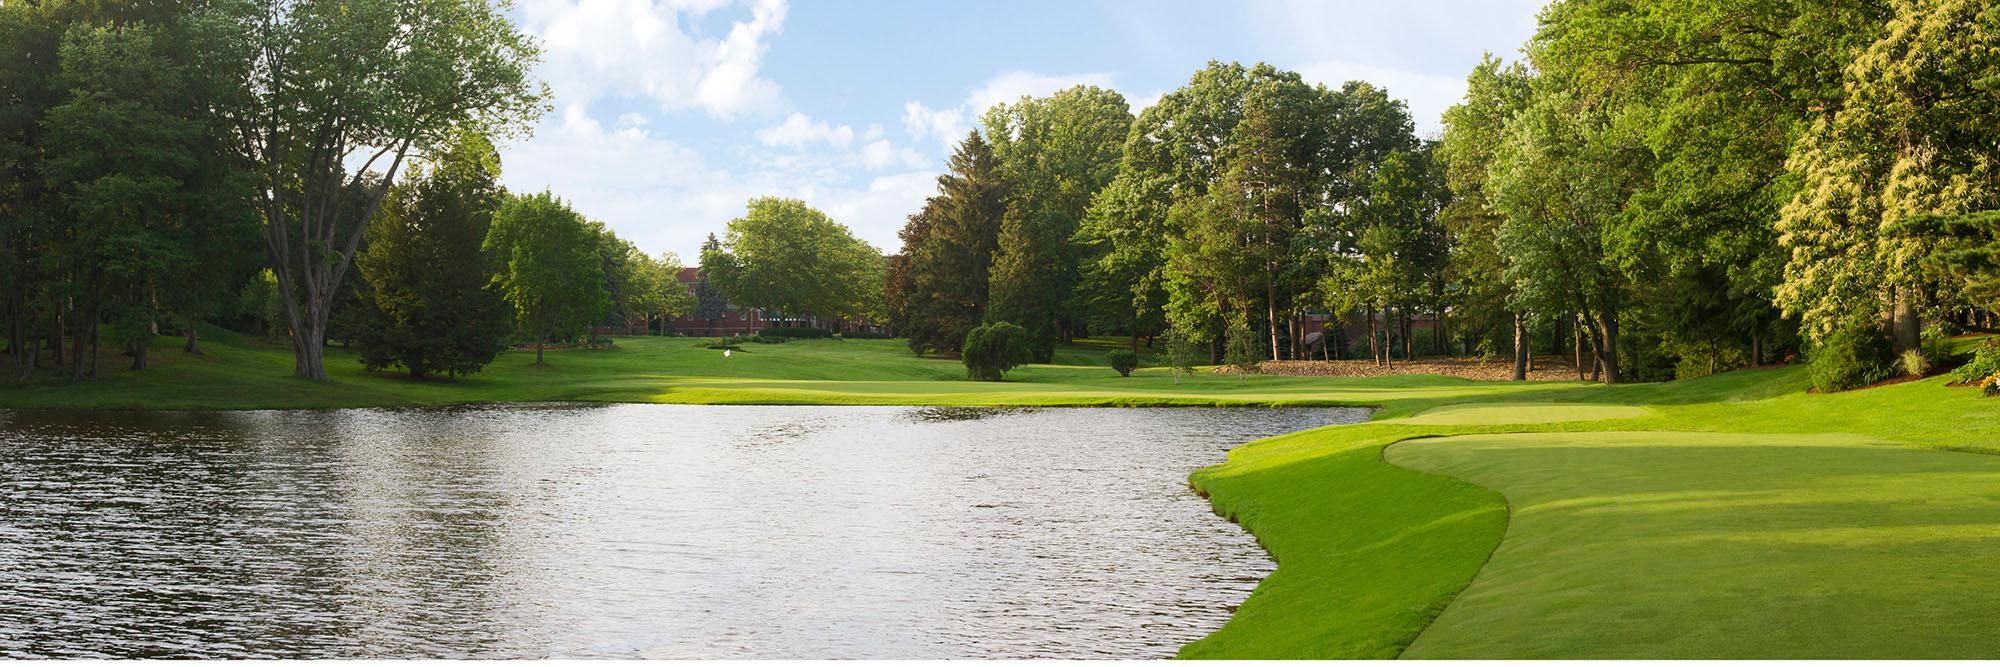 Golf Course Image - Glenmoor Country Club No. 7